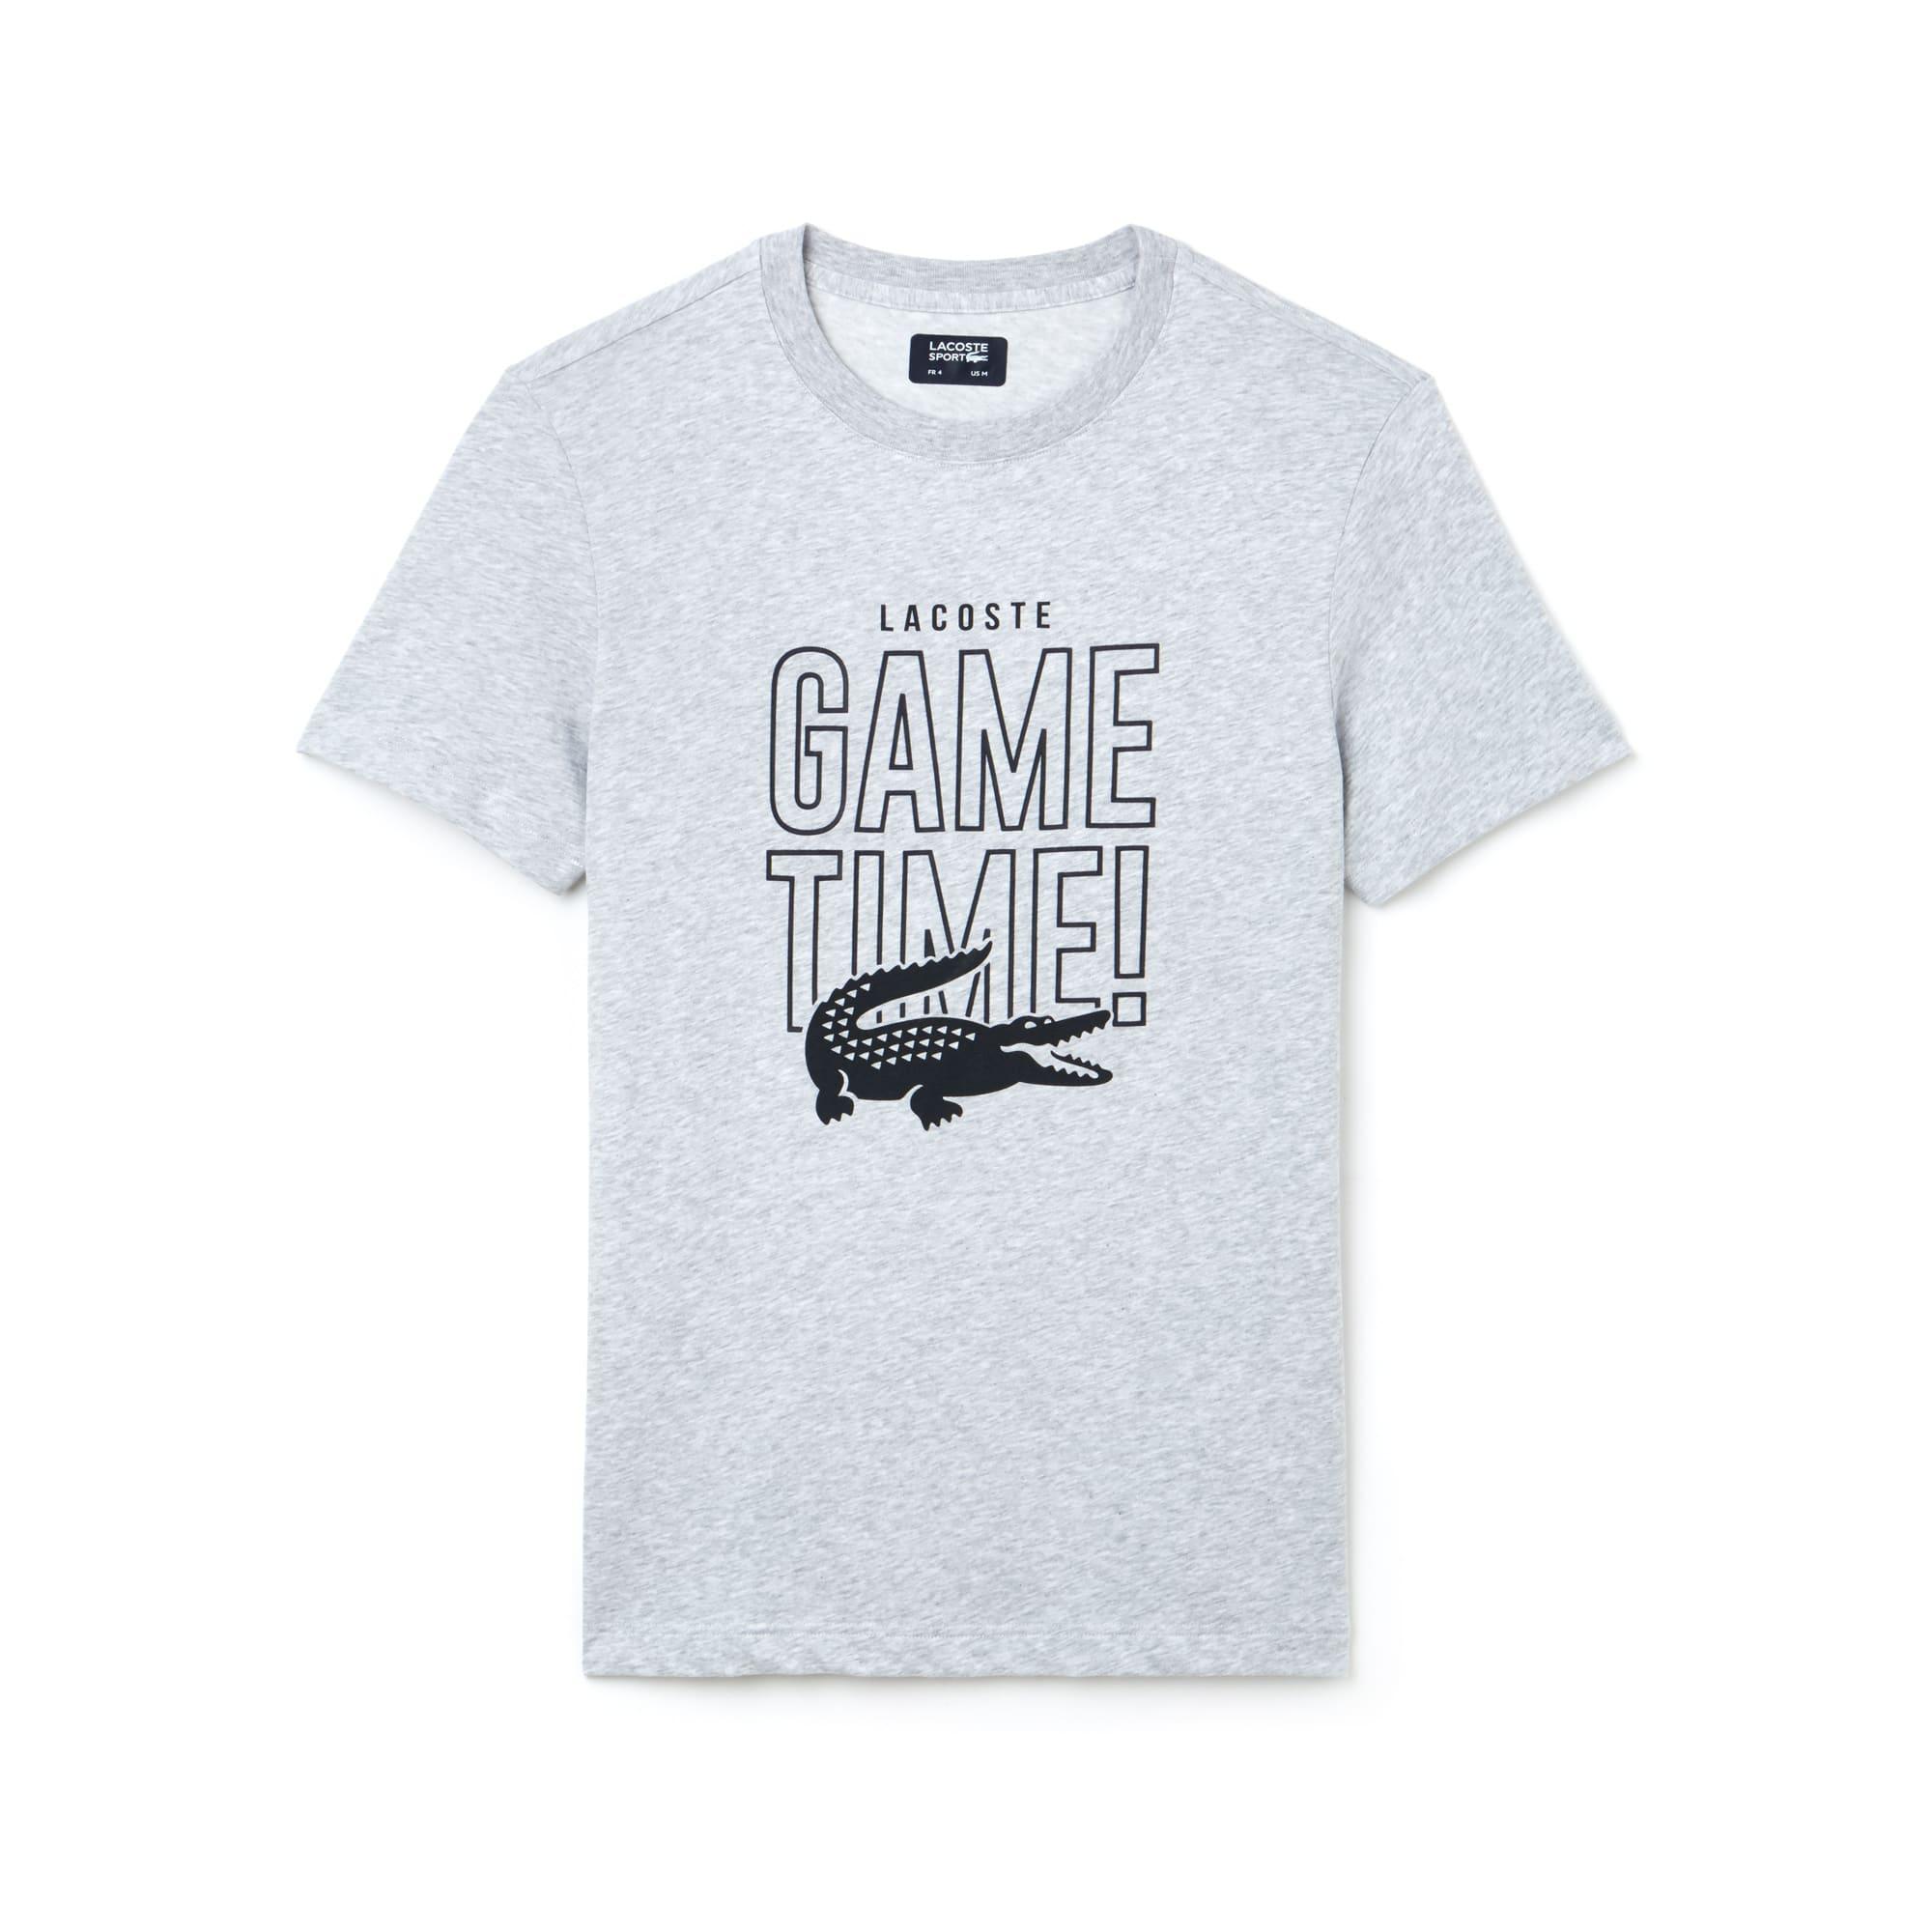 Lacoste - Herren LACOSTE SPORT Game Time Rundhals Tennis T-Shirt aus Jersey - 3